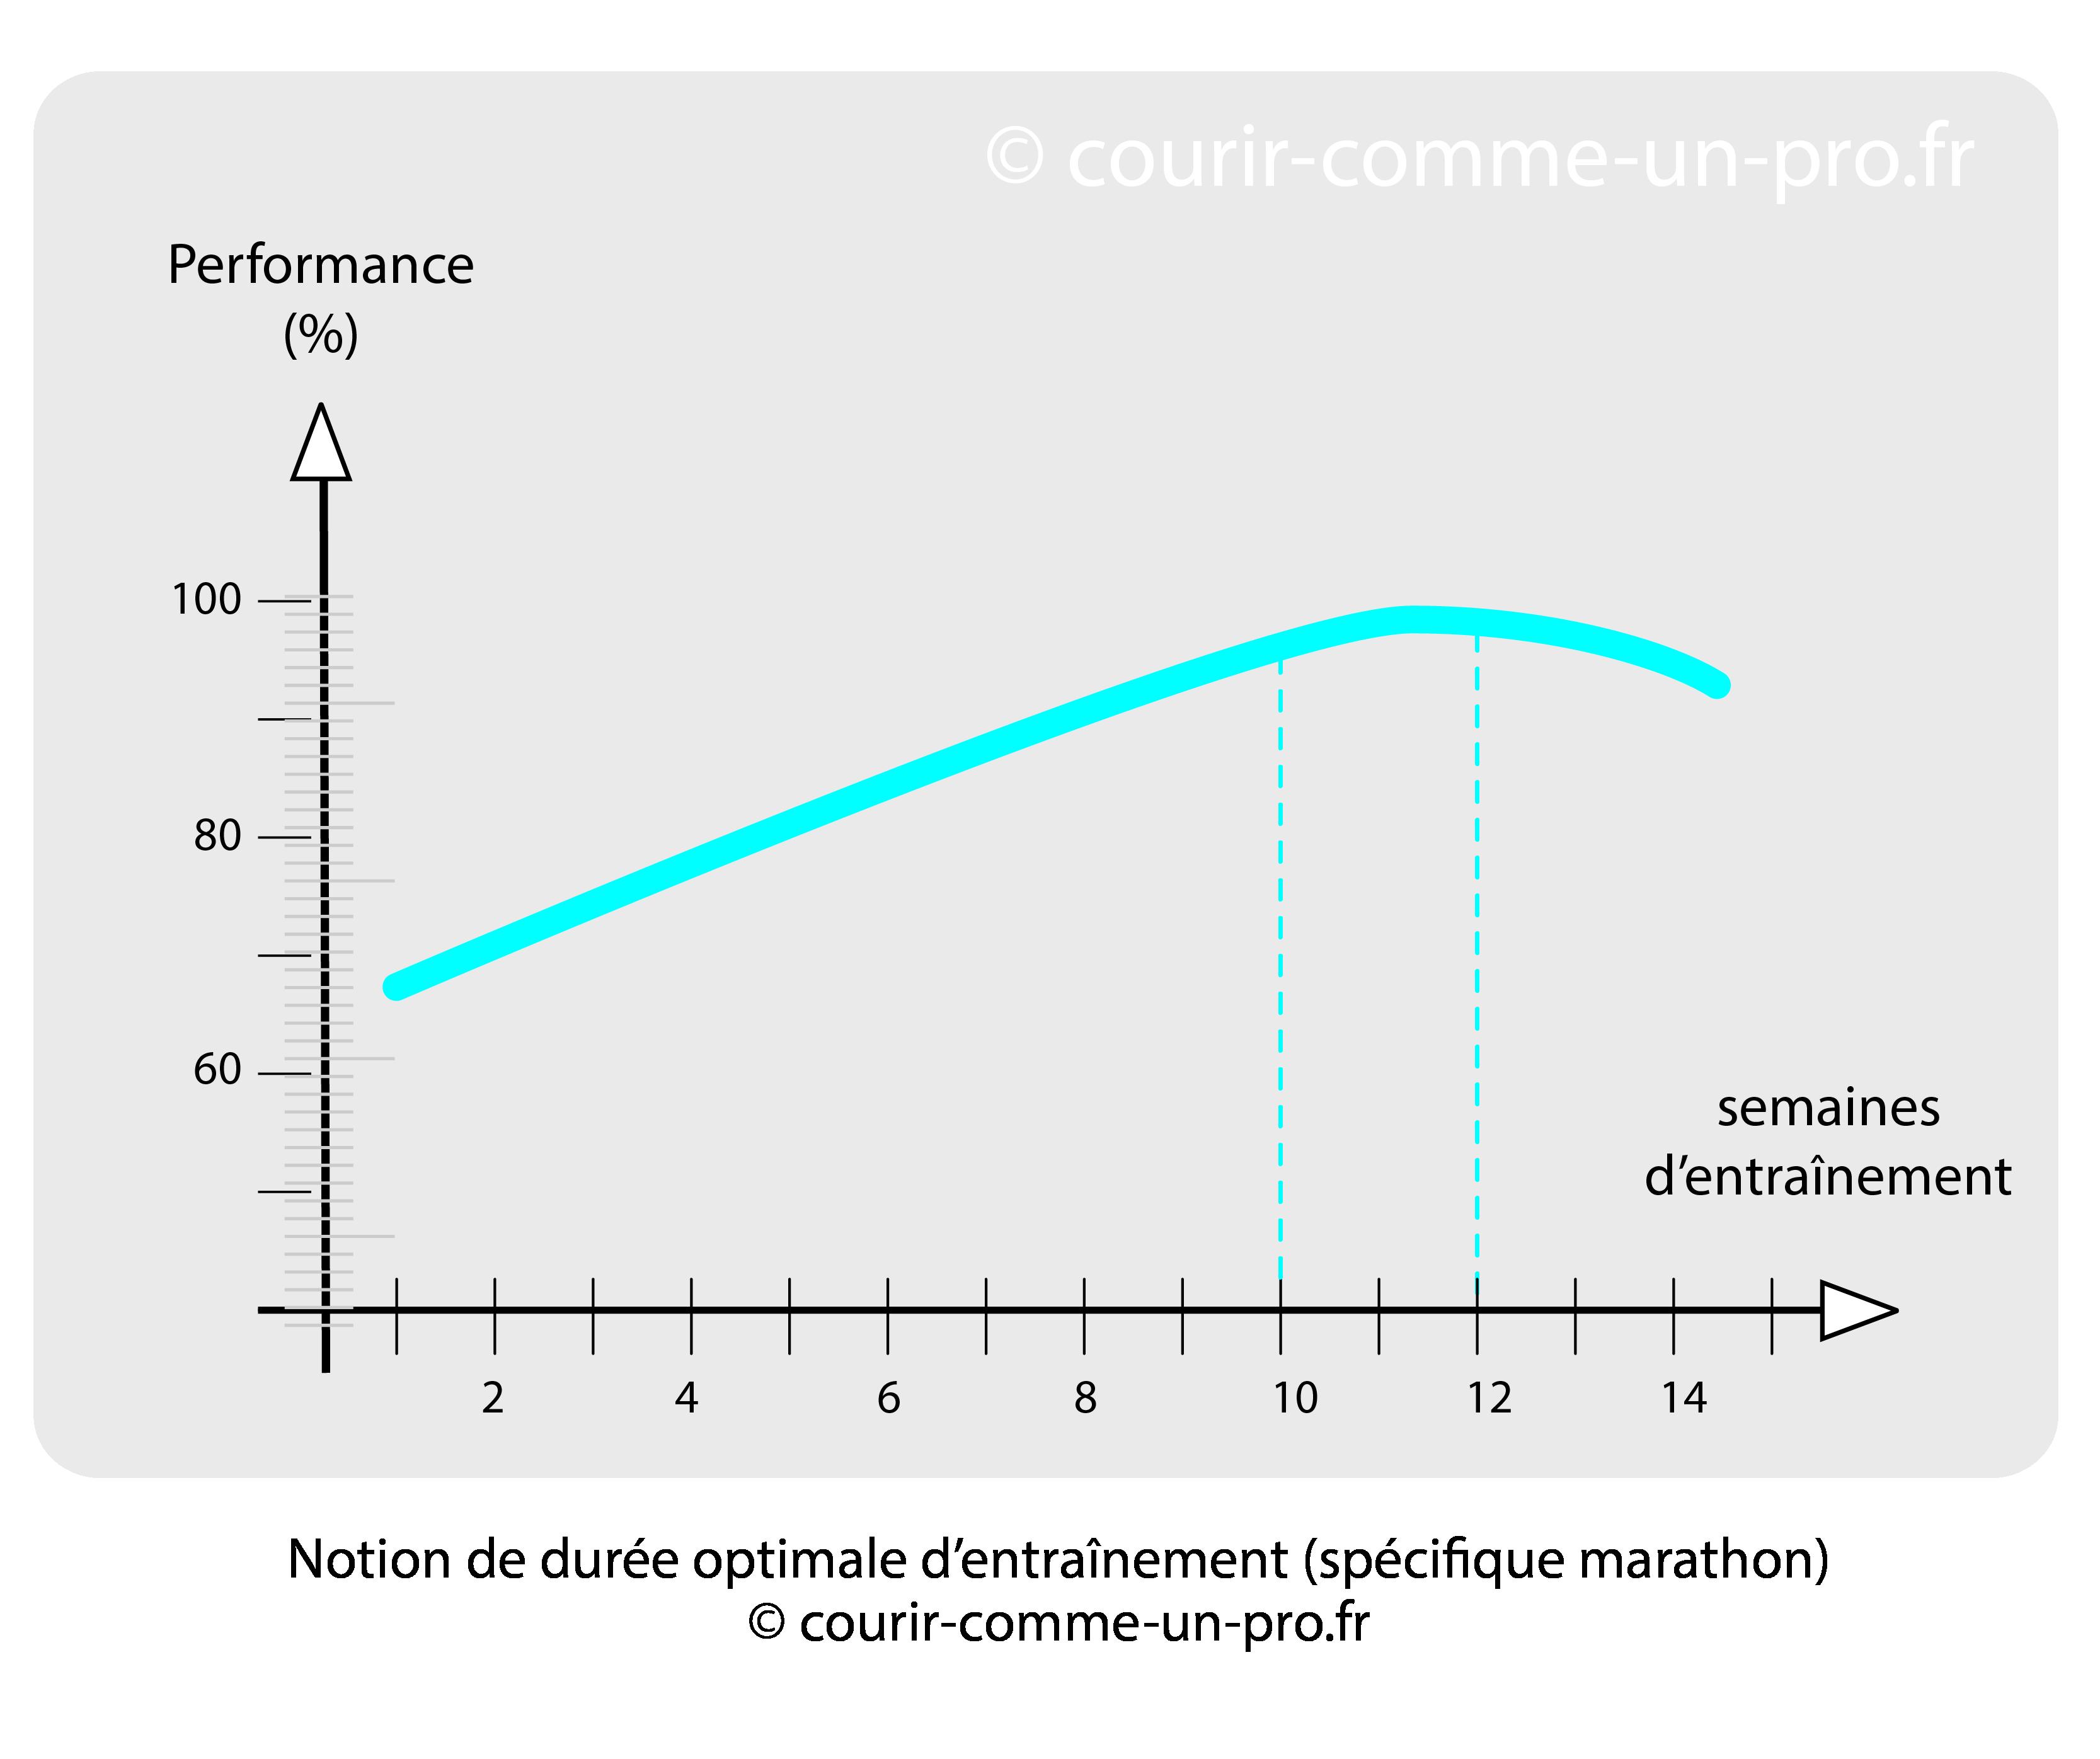 Courbe illustrant la durée optimale de l'entraînement marathon